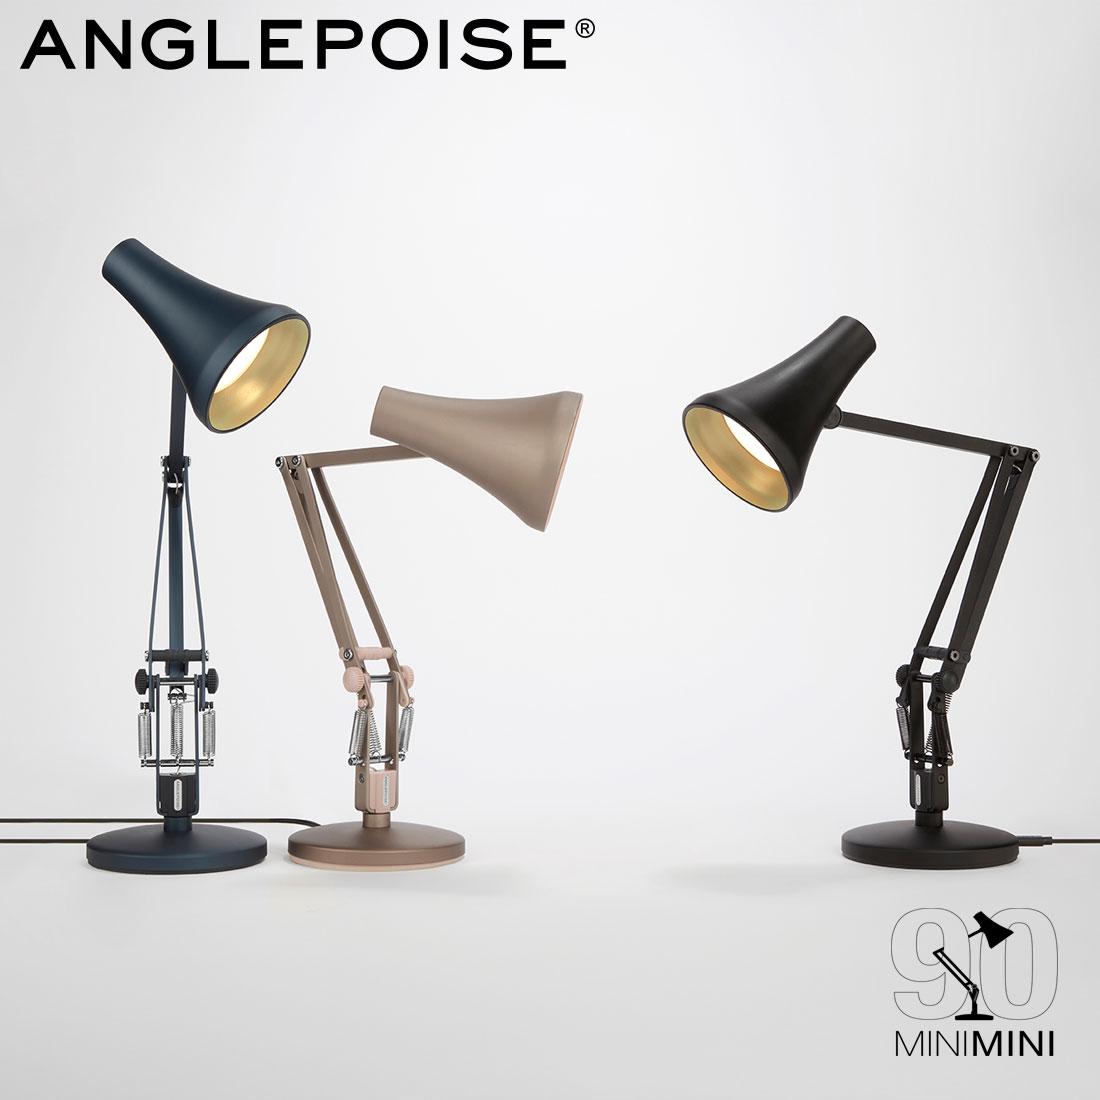 【ANGLEPOISE/アングルポイズ】90 MINI MINI / デスクランプイギリス / アームランプ / ワークランプ / タスクランプ LED / USB / Sir Kenneth Grange【クーポン利用不可】